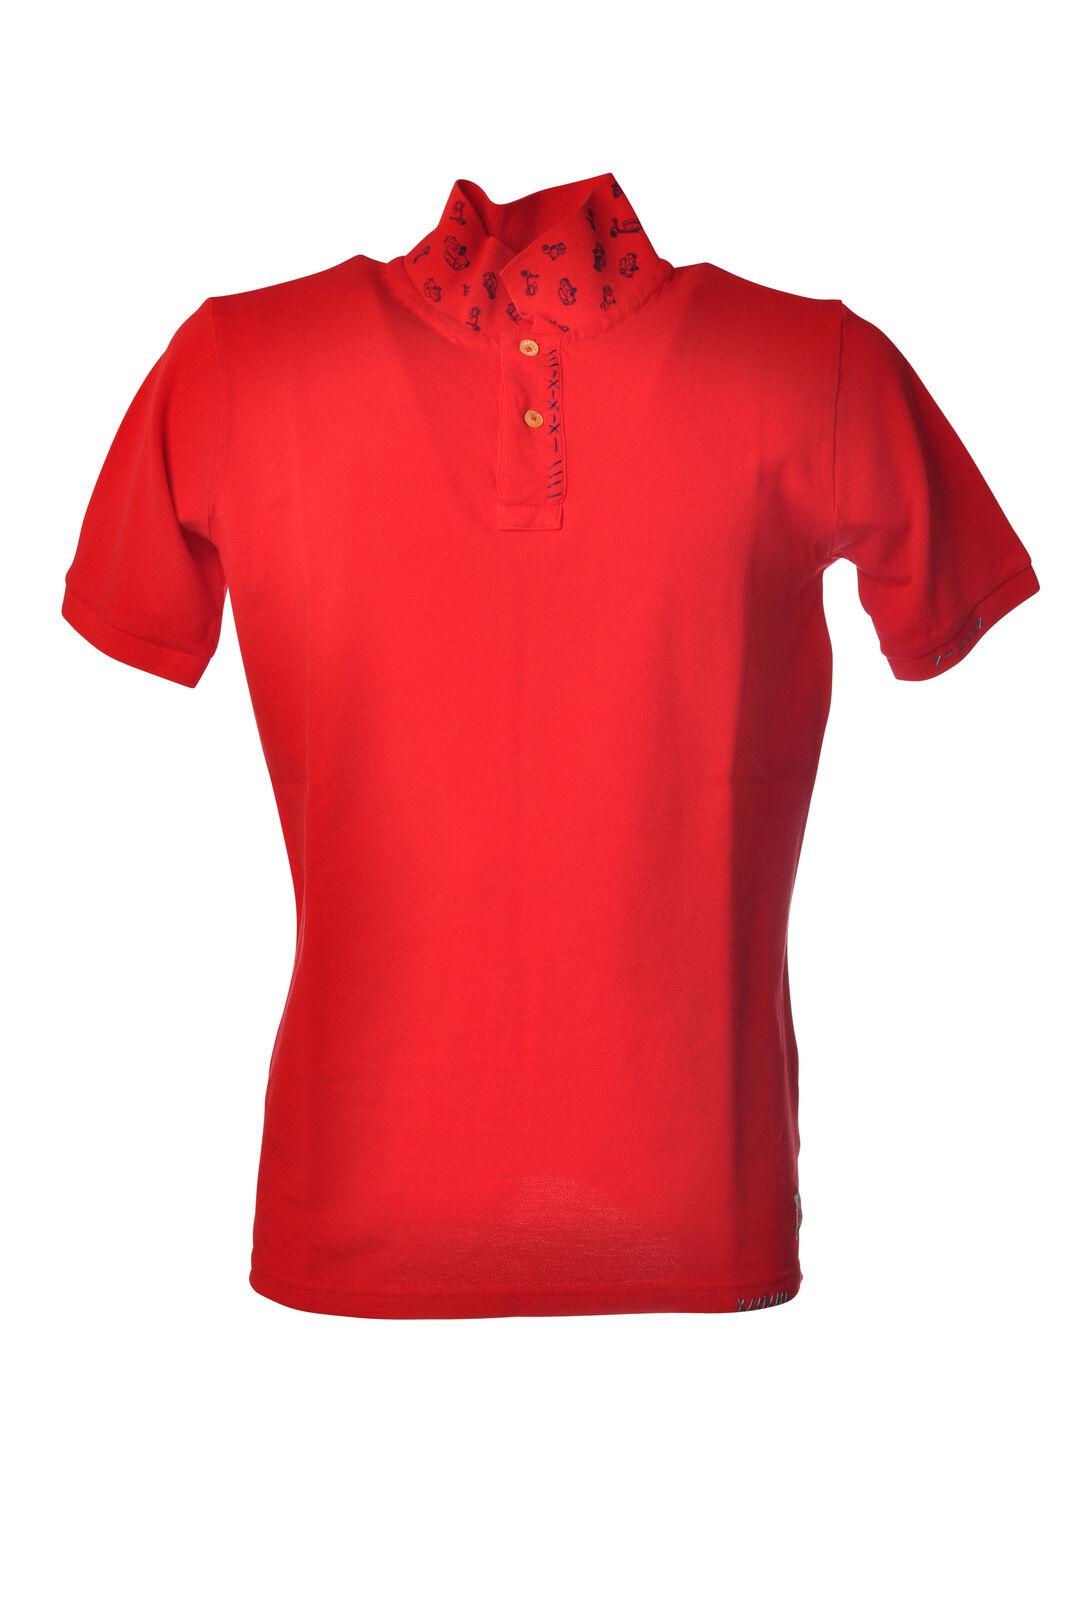 Bob - Topwear-Polo - Man - ROT - 5273225E183813